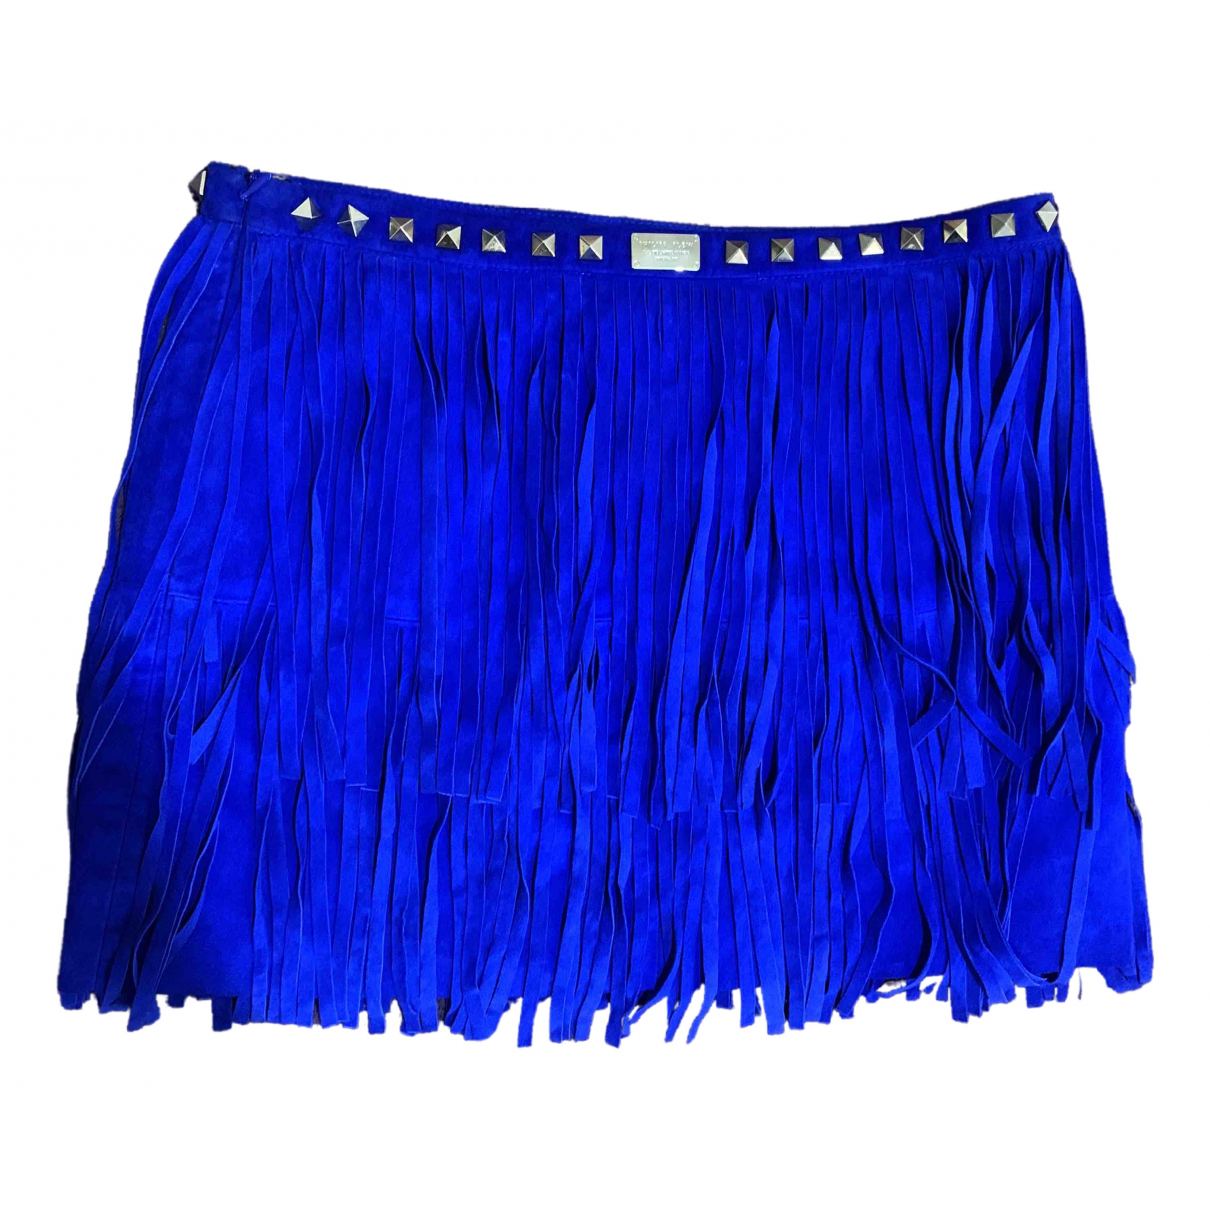 Philipp Plein \N Blue Leather skirt for Women XS International